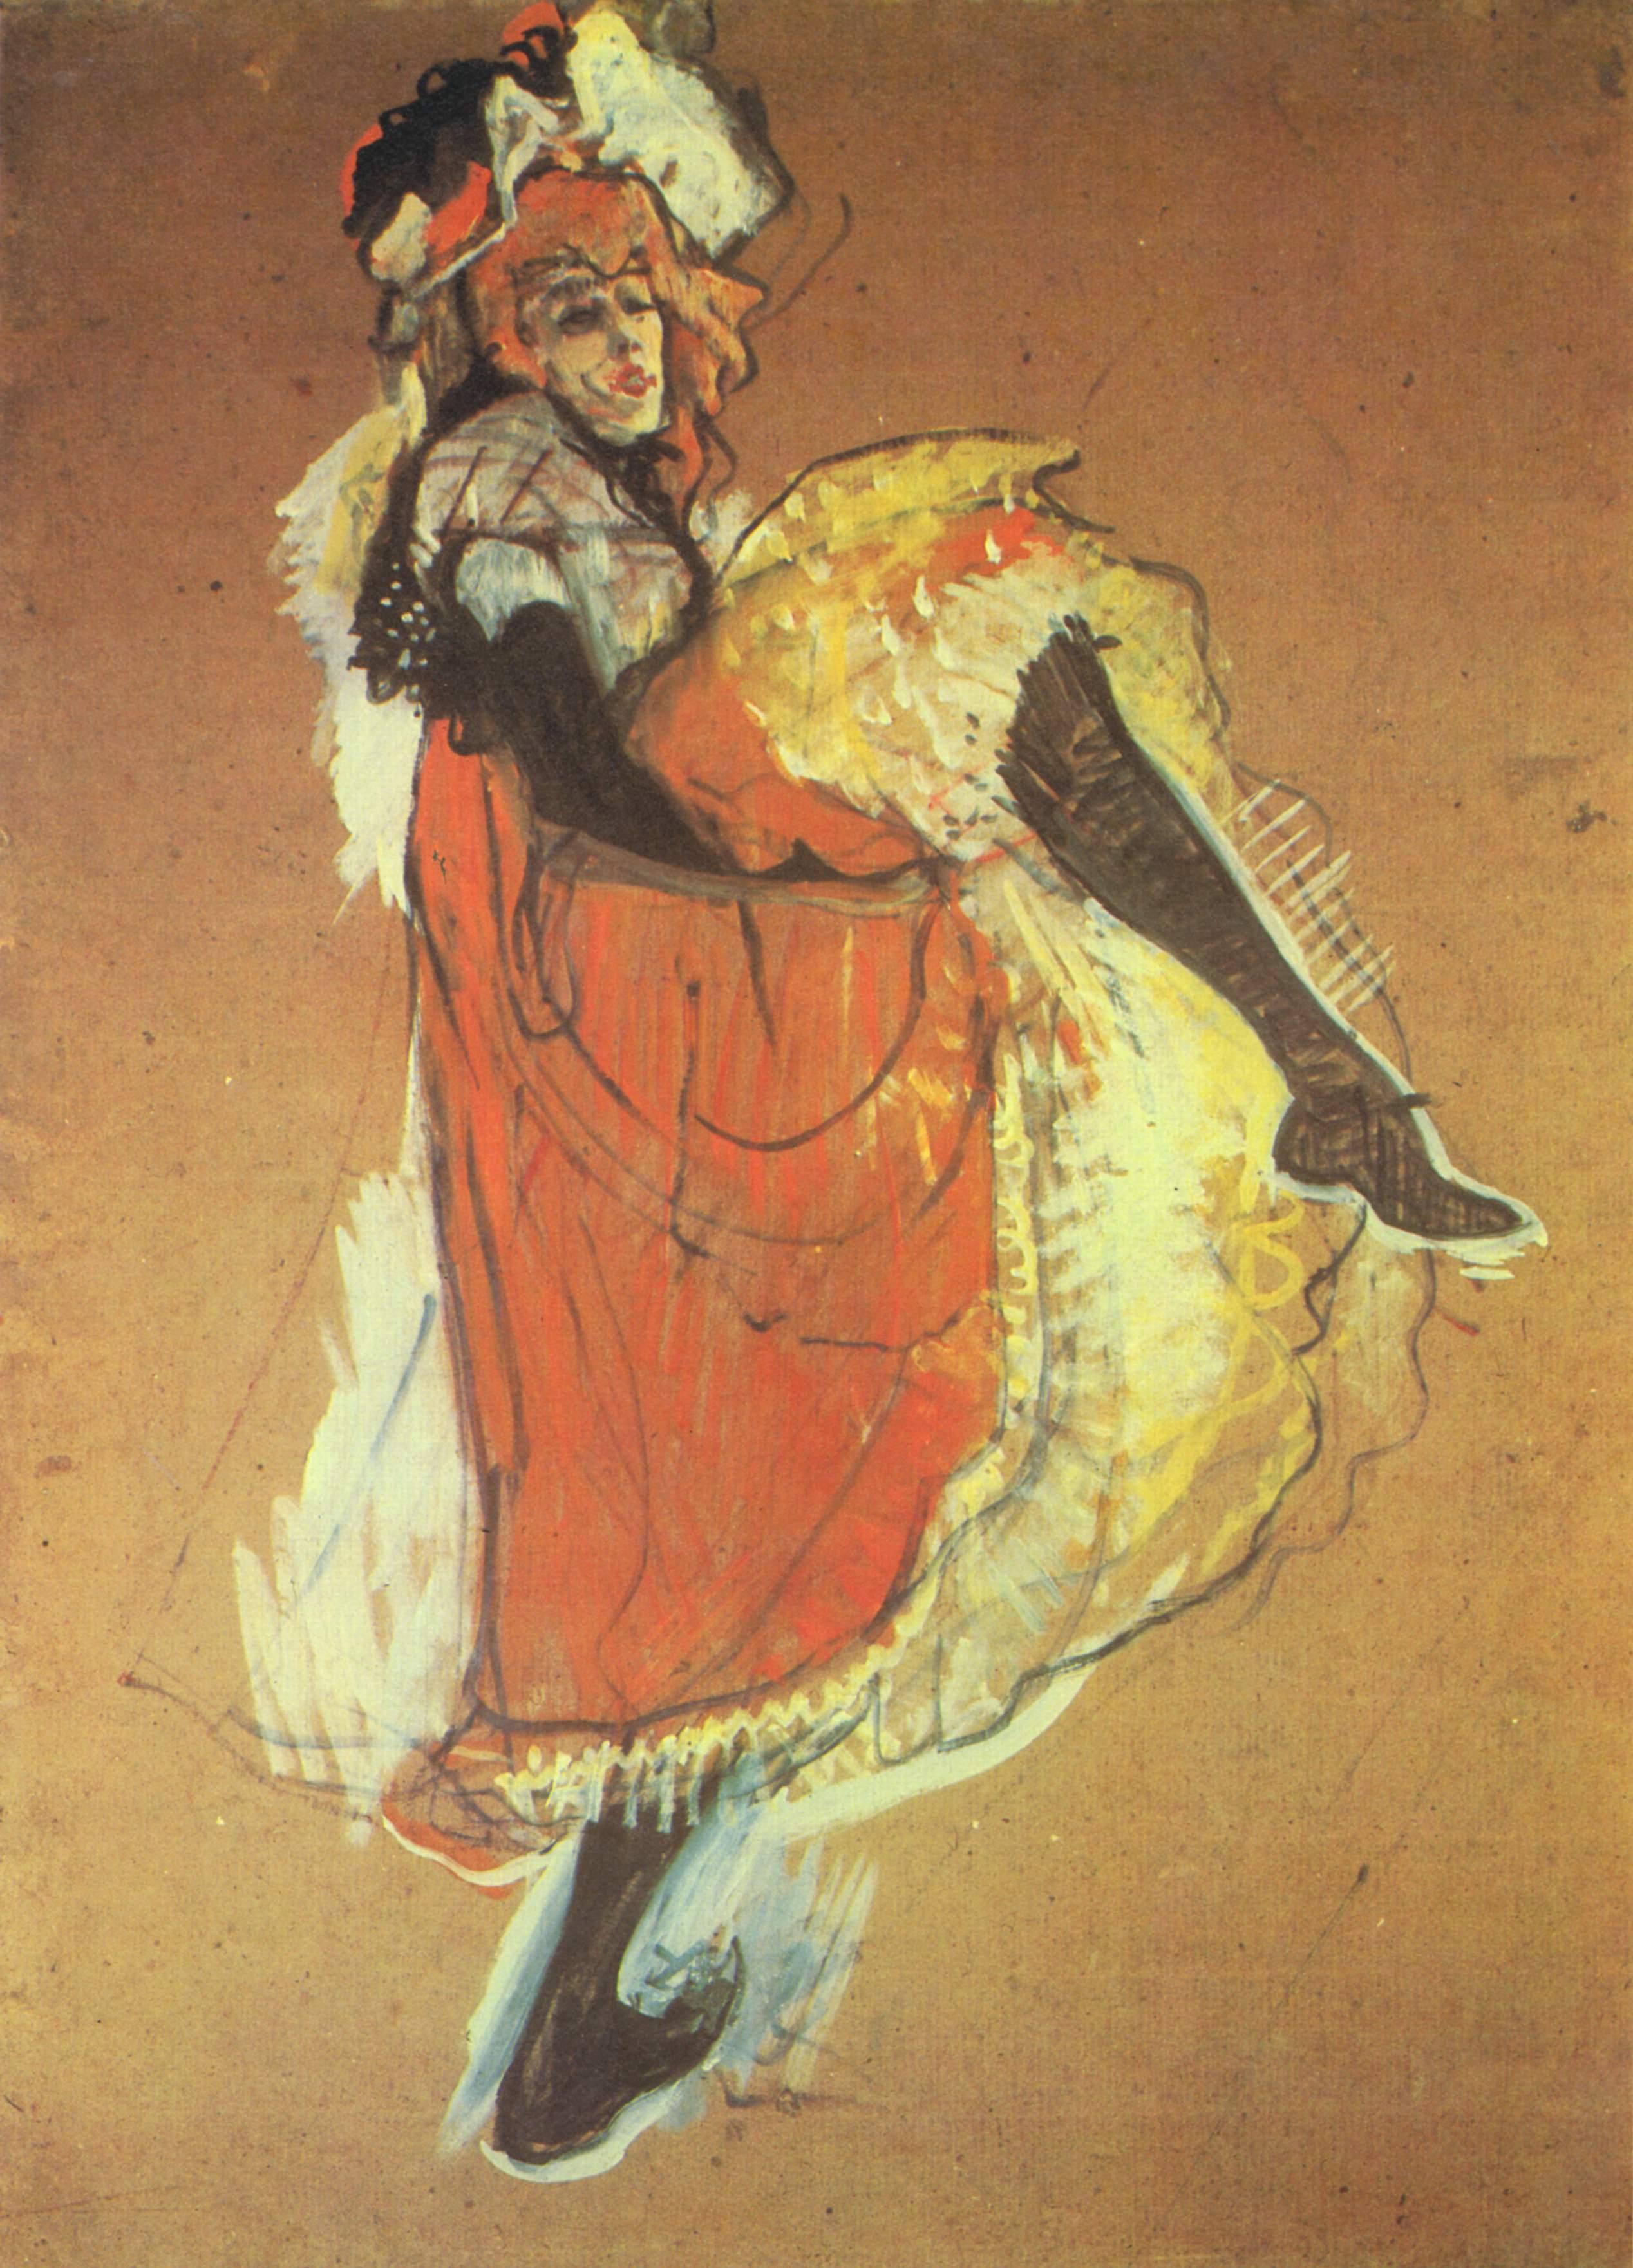 亨利·德·图卢兹-洛特雷克Henri de Toulouse-Lautrec - 水木白艺术坊 - 贵阳画室 高考美术培训